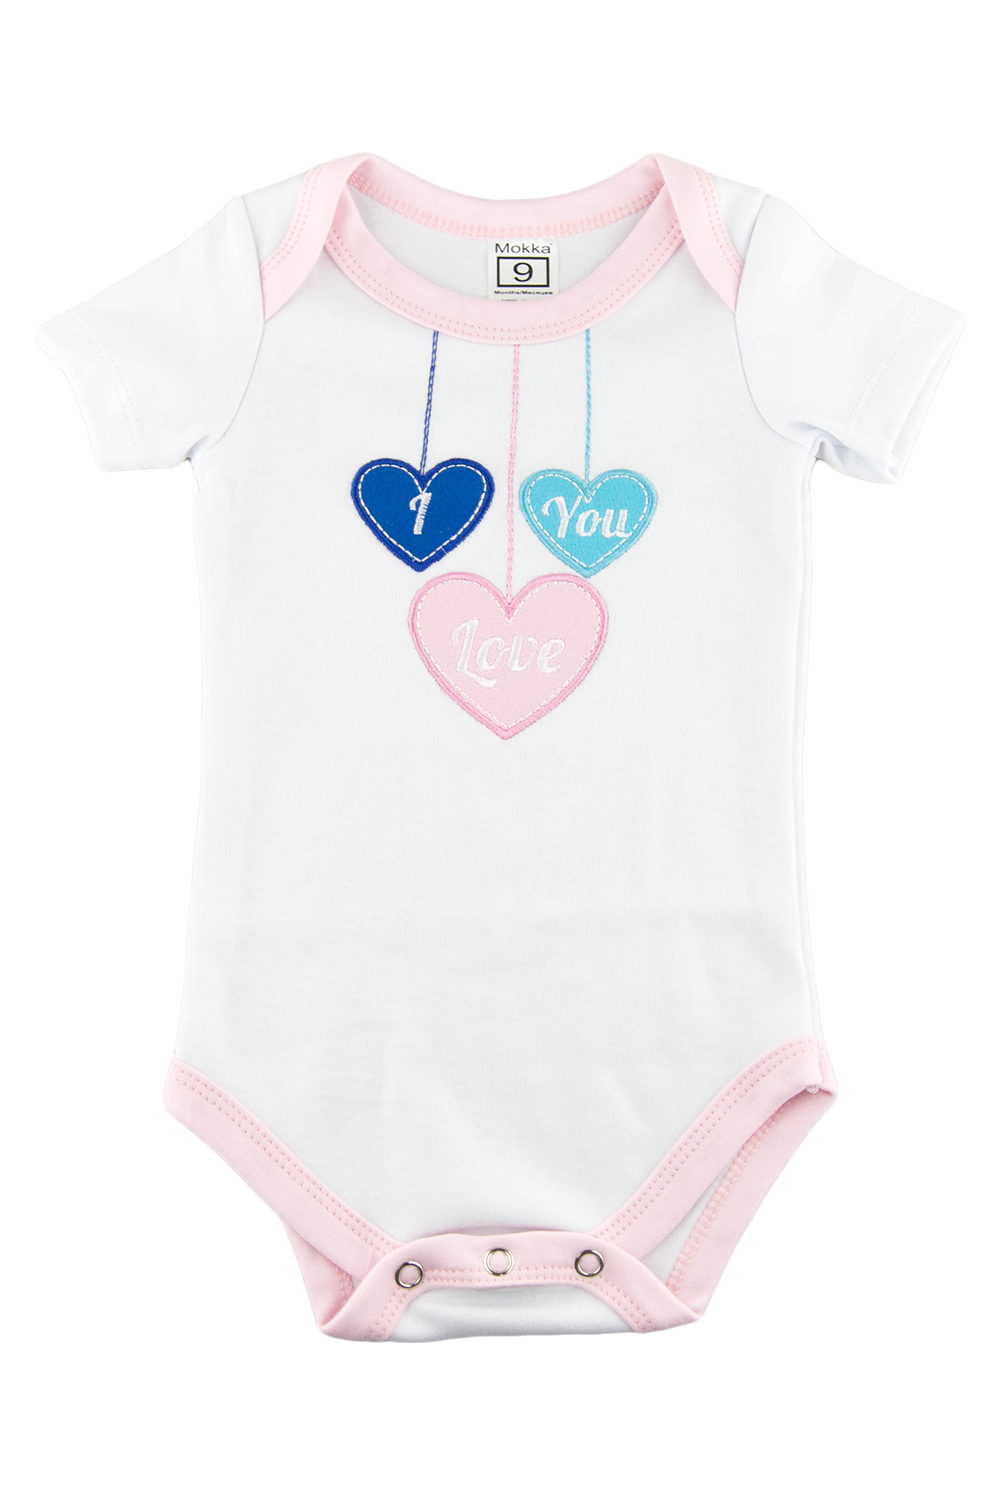 БодиКофточки<br>Хлопковое боди с вышивкой для новорожденного  В изделии использованы цвета: белый, розовый и др.<br><br>По сезону: Всесезон<br>Размер : 56,62,68,74,80,86<br>Материал: Хлопок<br>Количество в наличии: 33